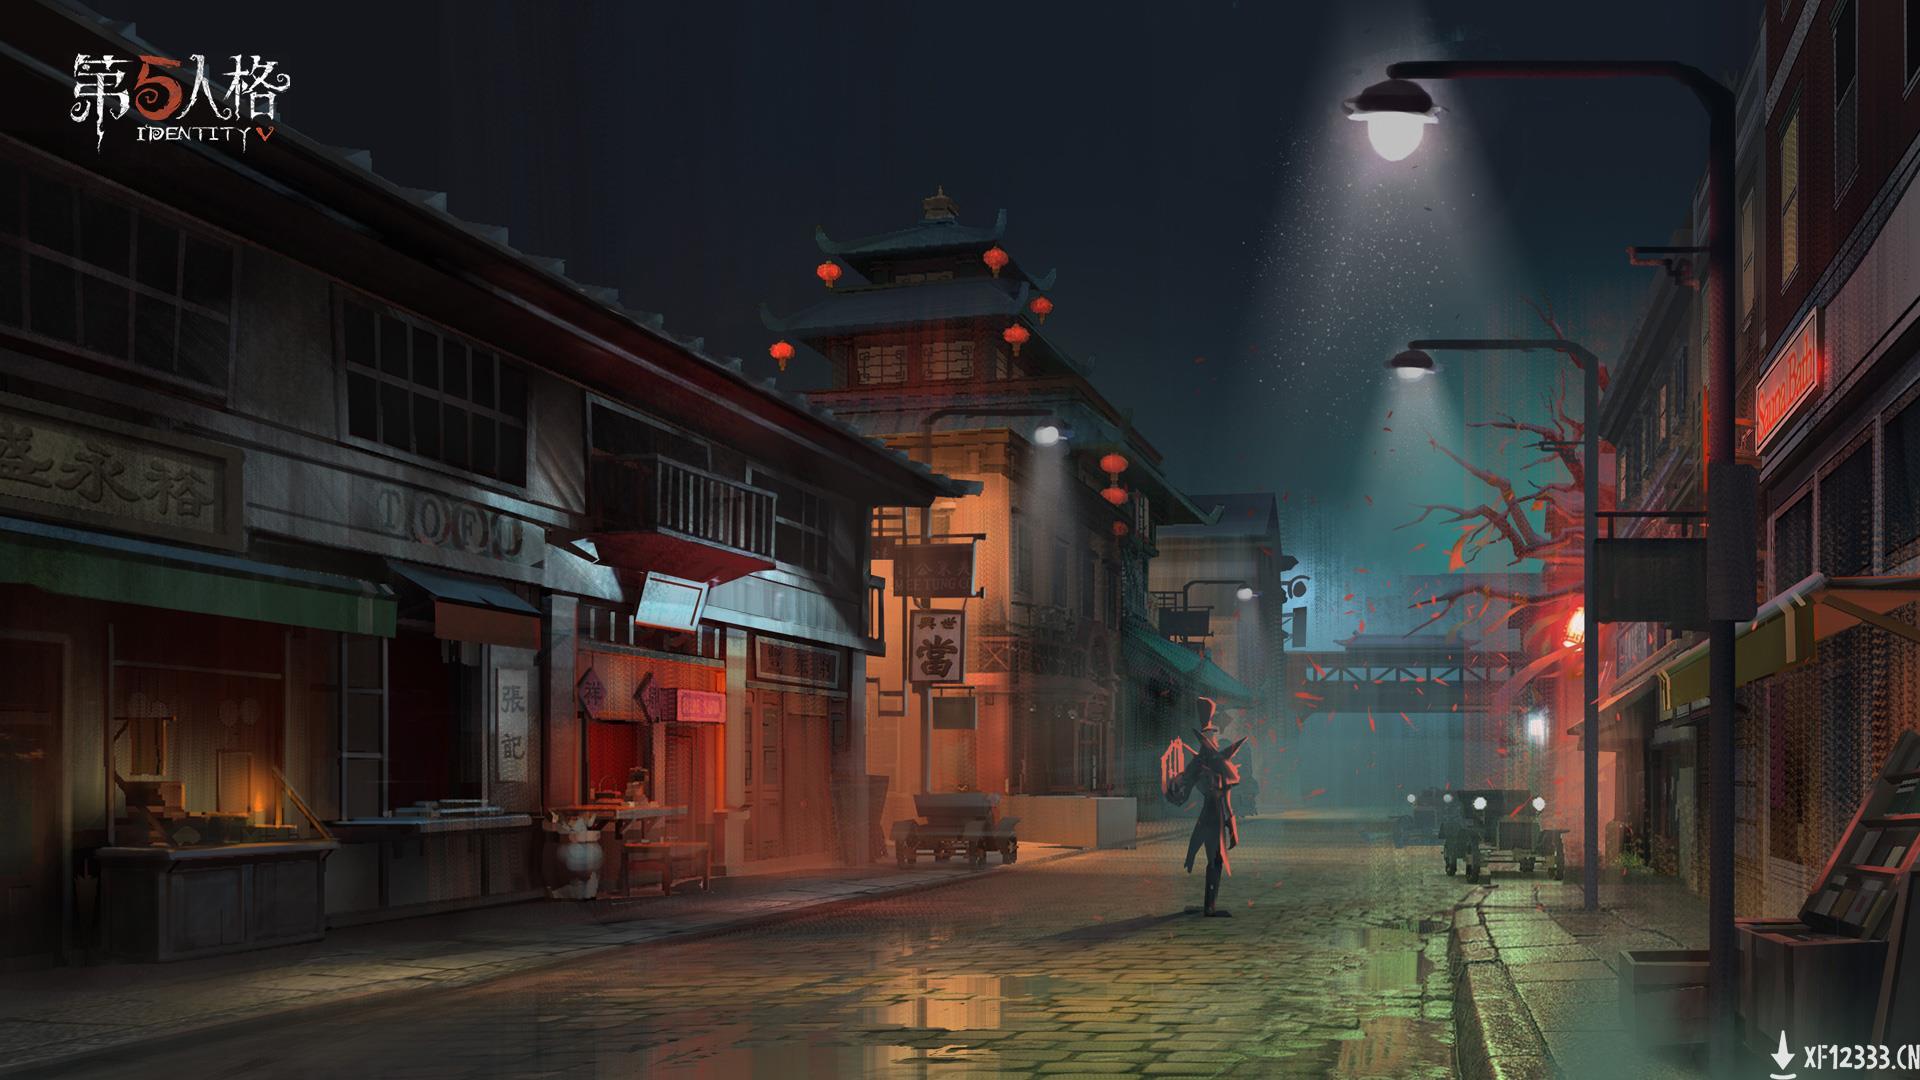 无人可说的悲凉 《第五人格》新地图唐人街正式来袭